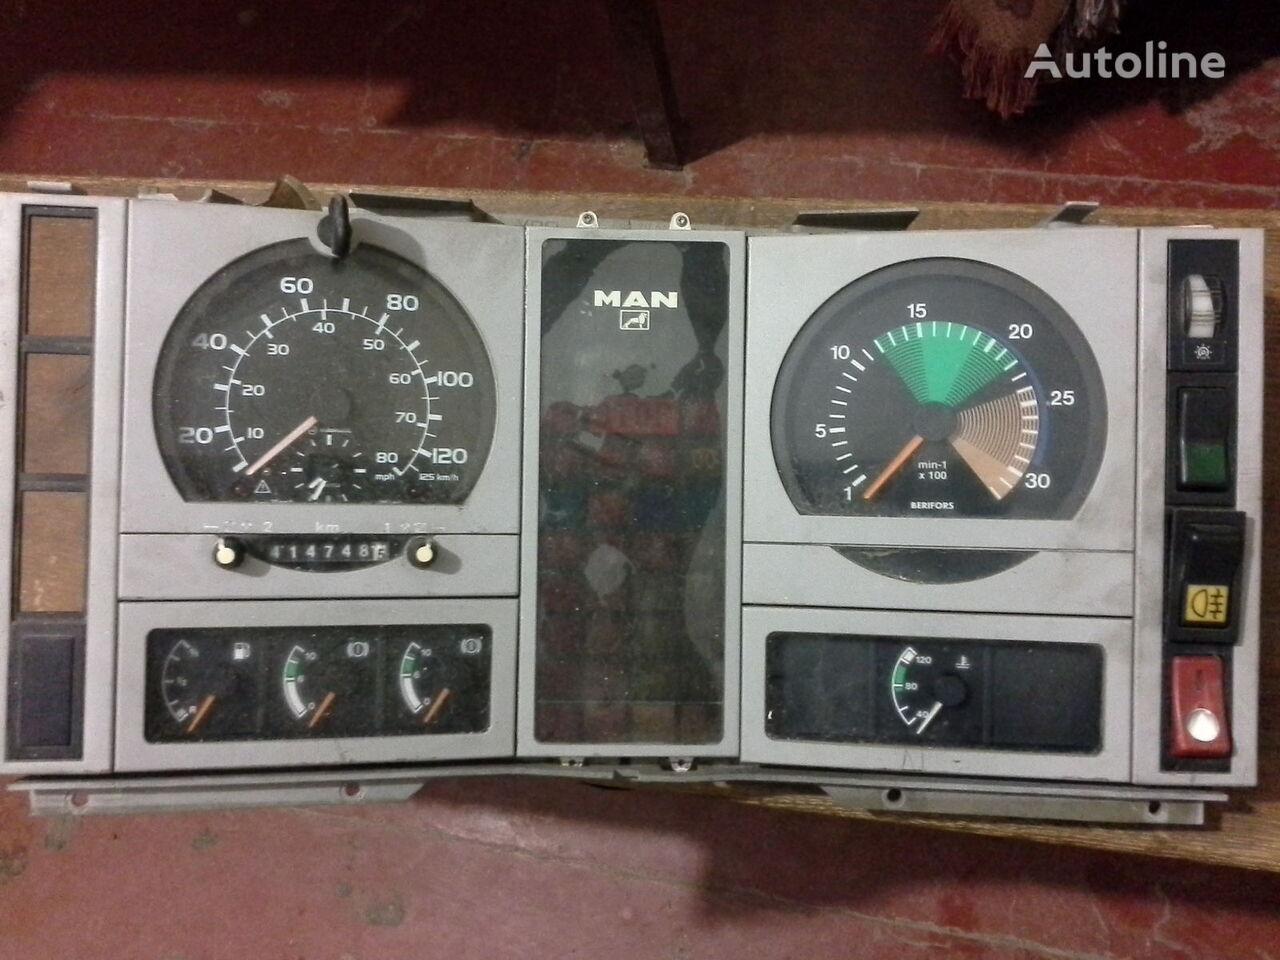 Spidometr  Tahometr originalni zapchasti kabini Fahrtenschreiber für MAN  L2000 Po zapchastyam LKW